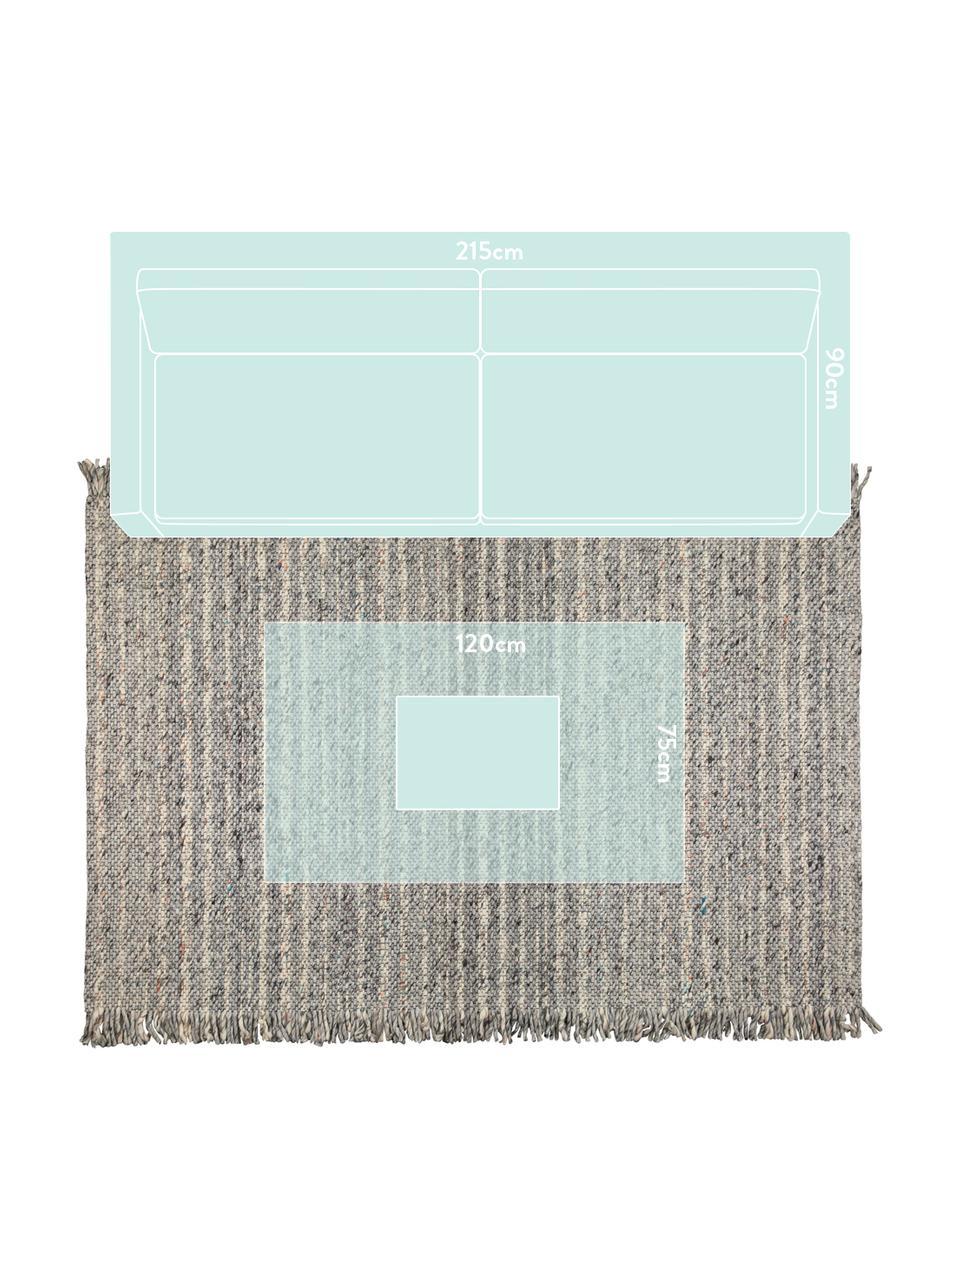 Vlněný koberec s třásněmi Frills, 170 x 240 cm, Odstíny šedé, béžová